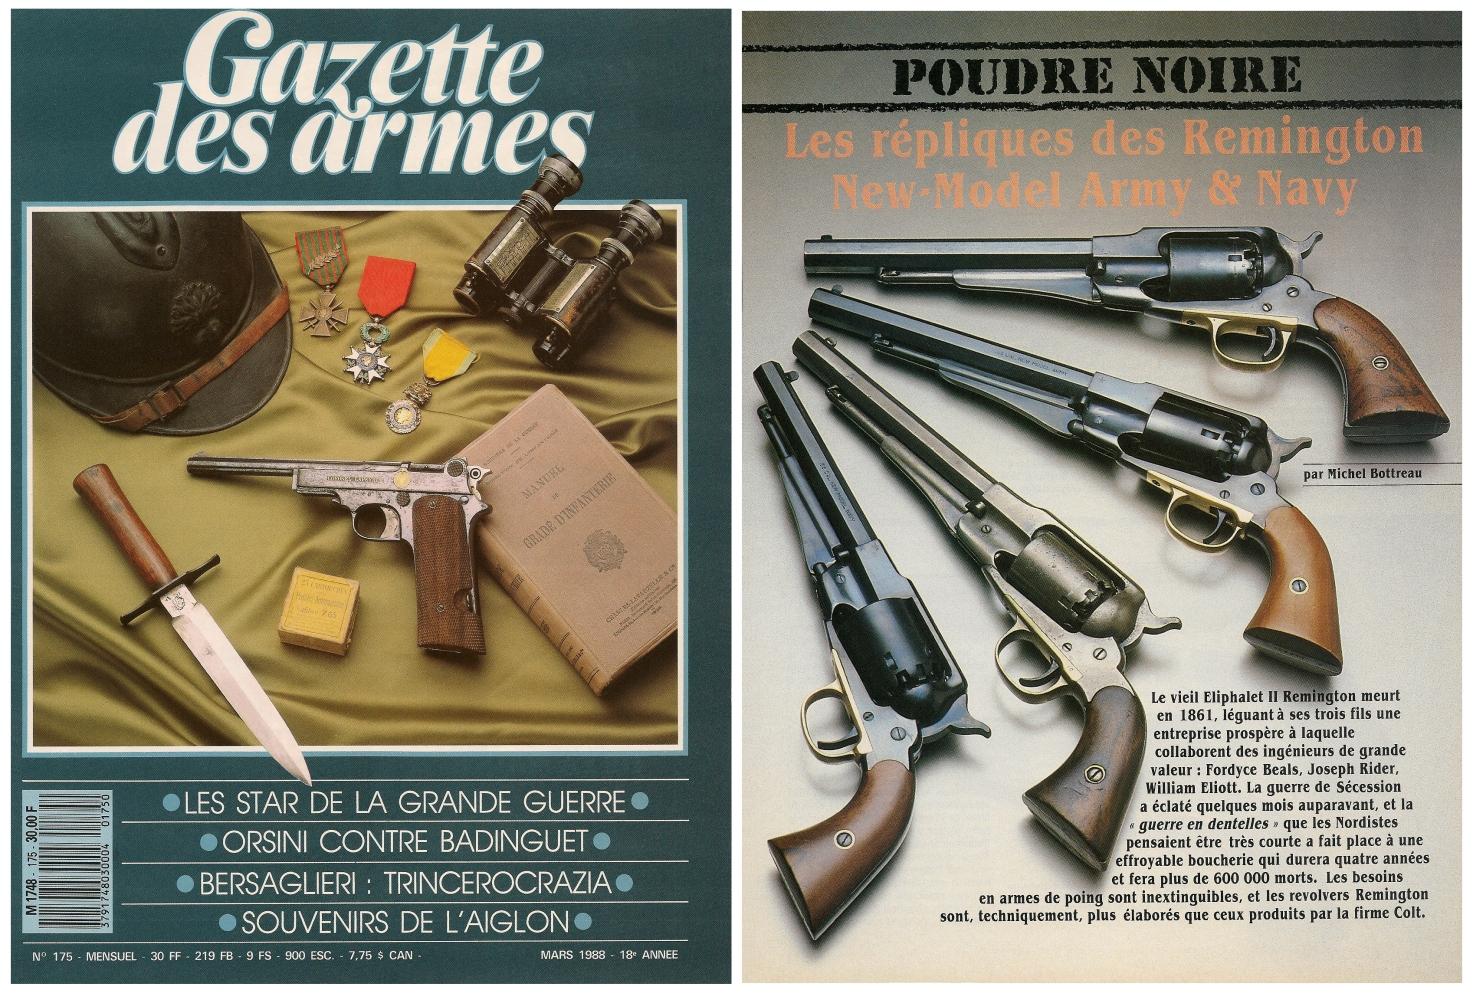 Le banc d'essai des répliques des revolvers Remington New Model Army & New Model Navy a été publié sur 5 pages dans le magazine Gazette des Armes n°175 (mars 1988).